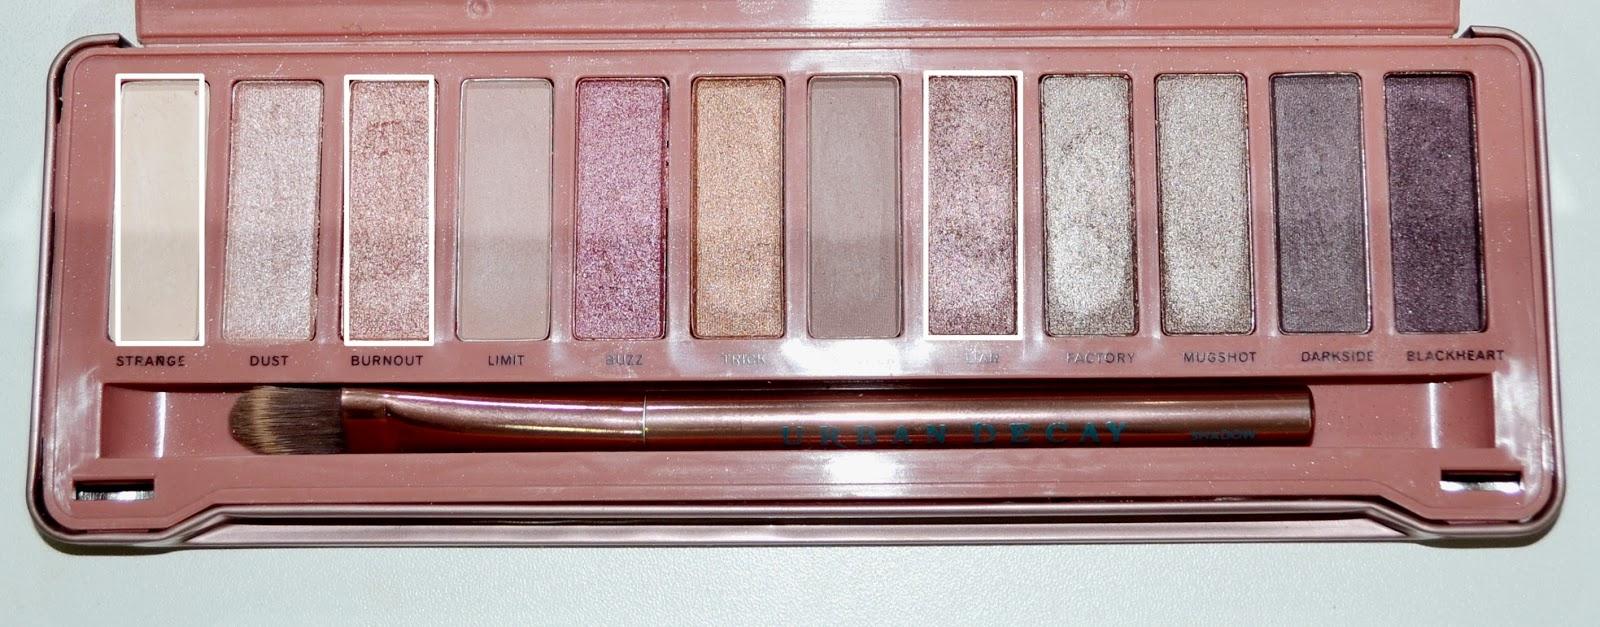 Maquiagem com paleta Naked 3